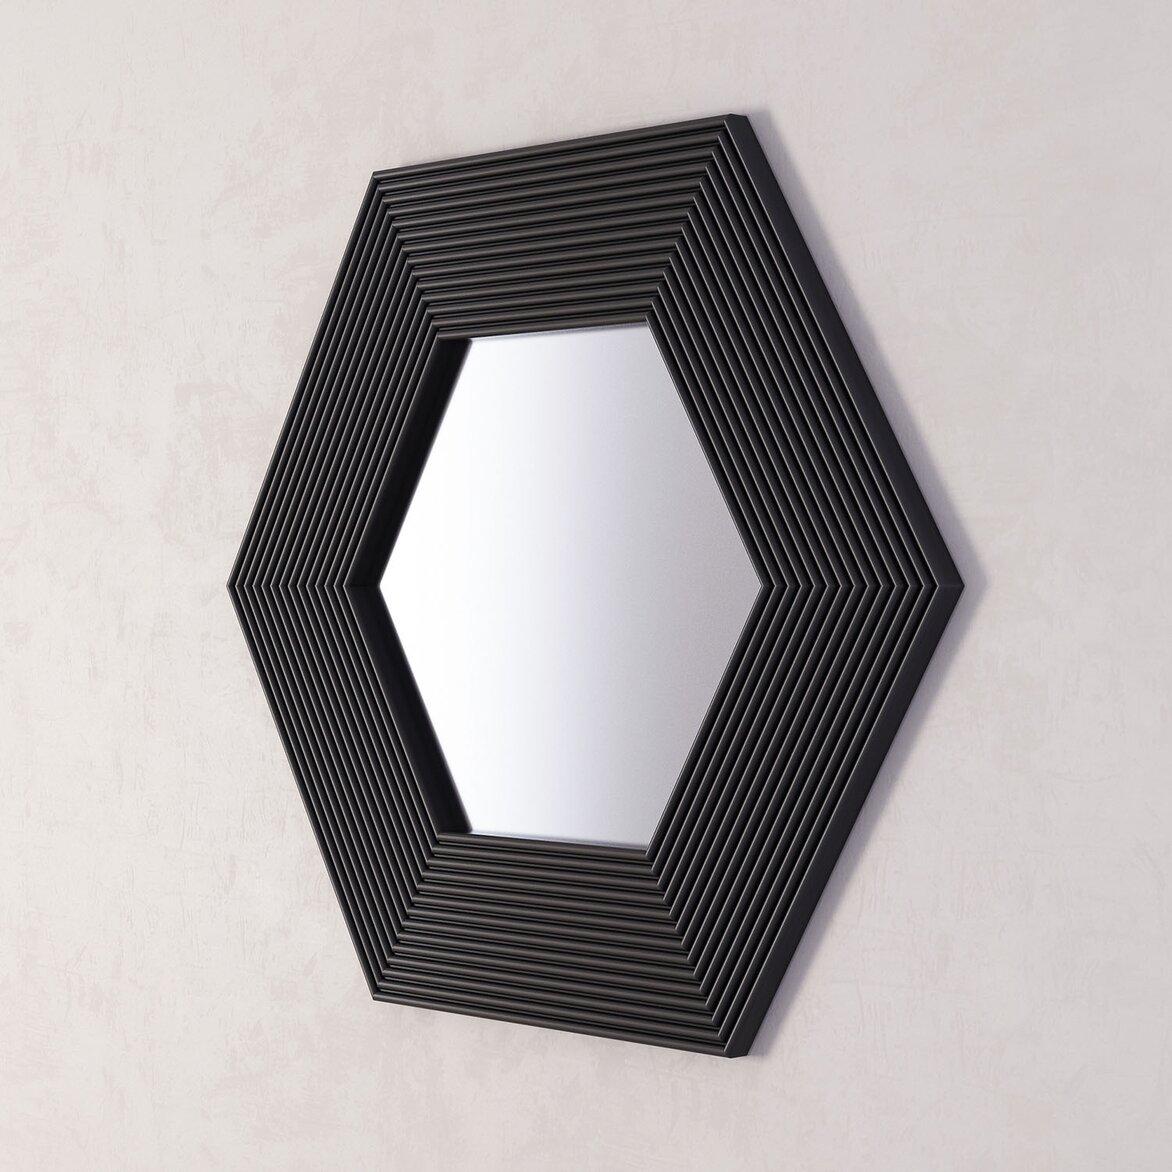 Зеркало Сorners black (полуоборот)